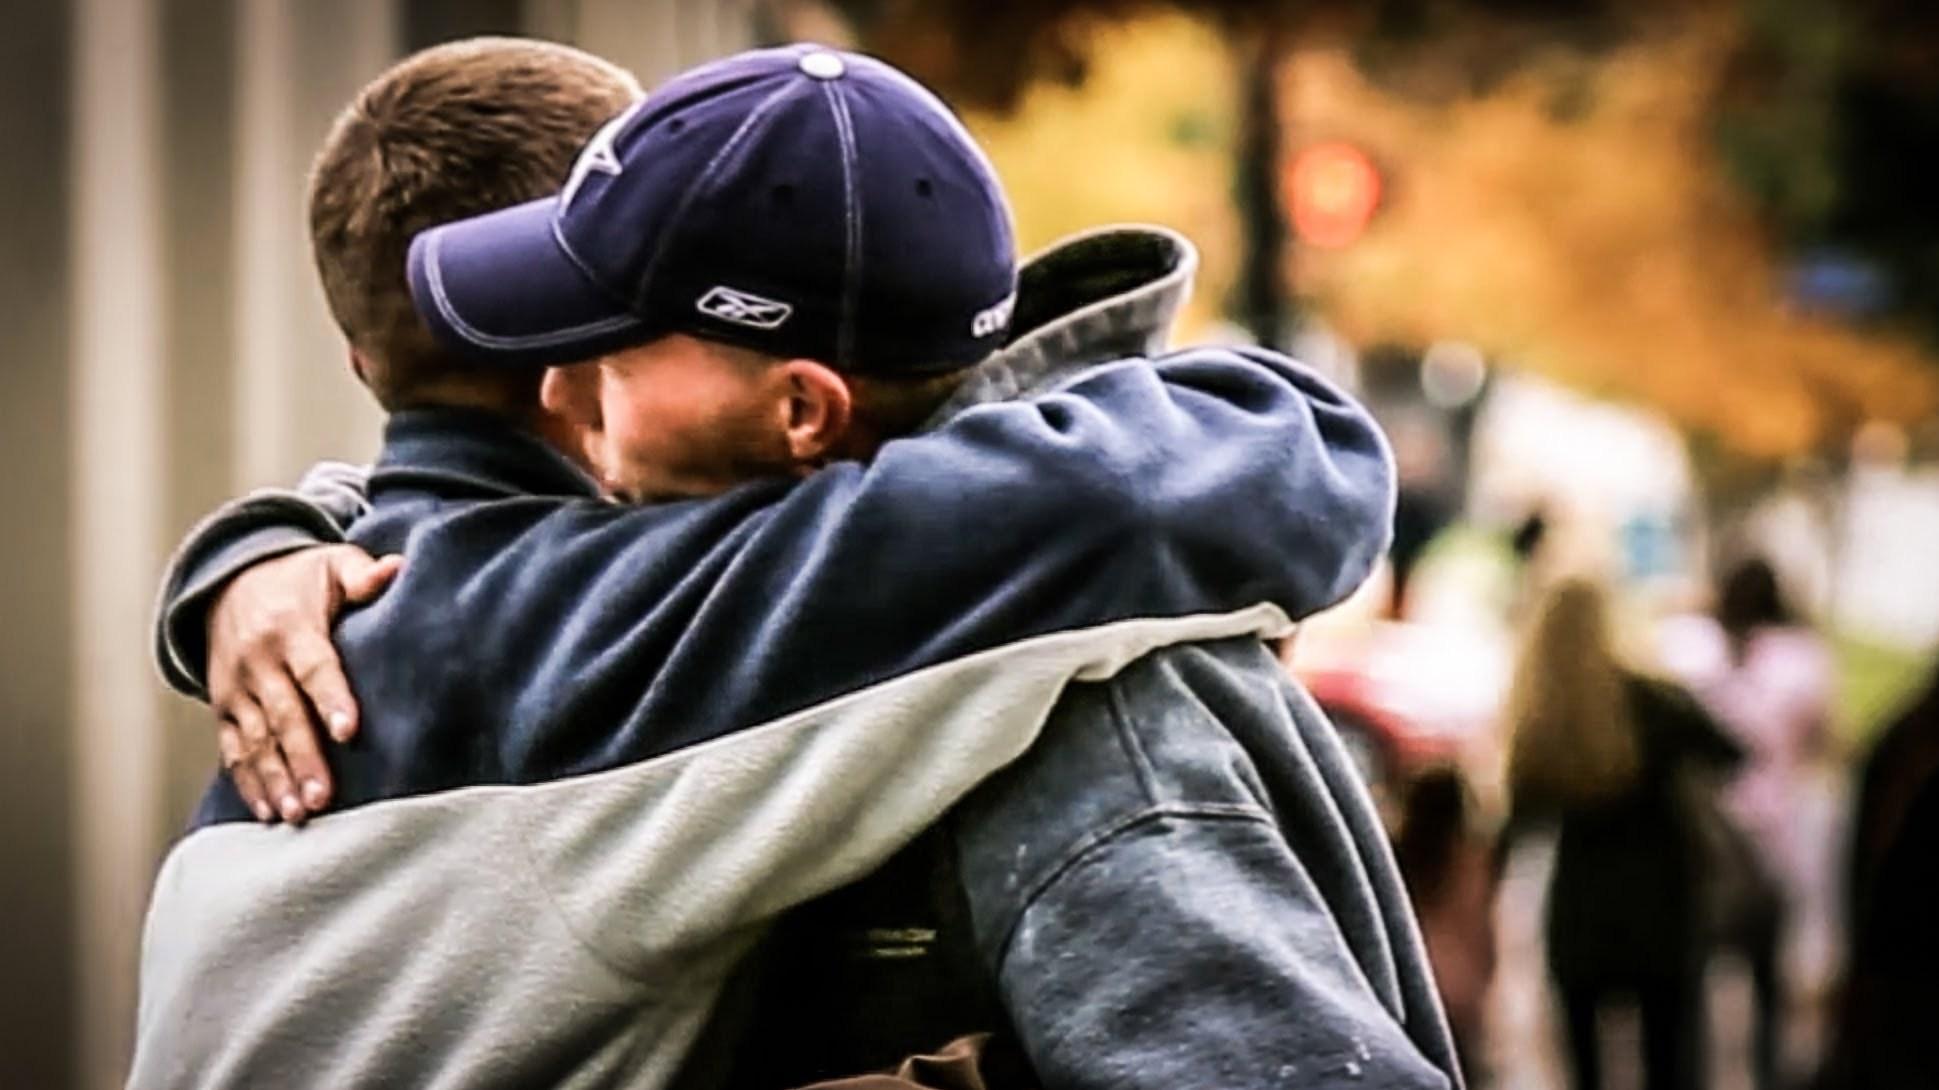 Άνδρας σημαίνει να βοηθάς όσους βρίσκονται σε ανάγκη